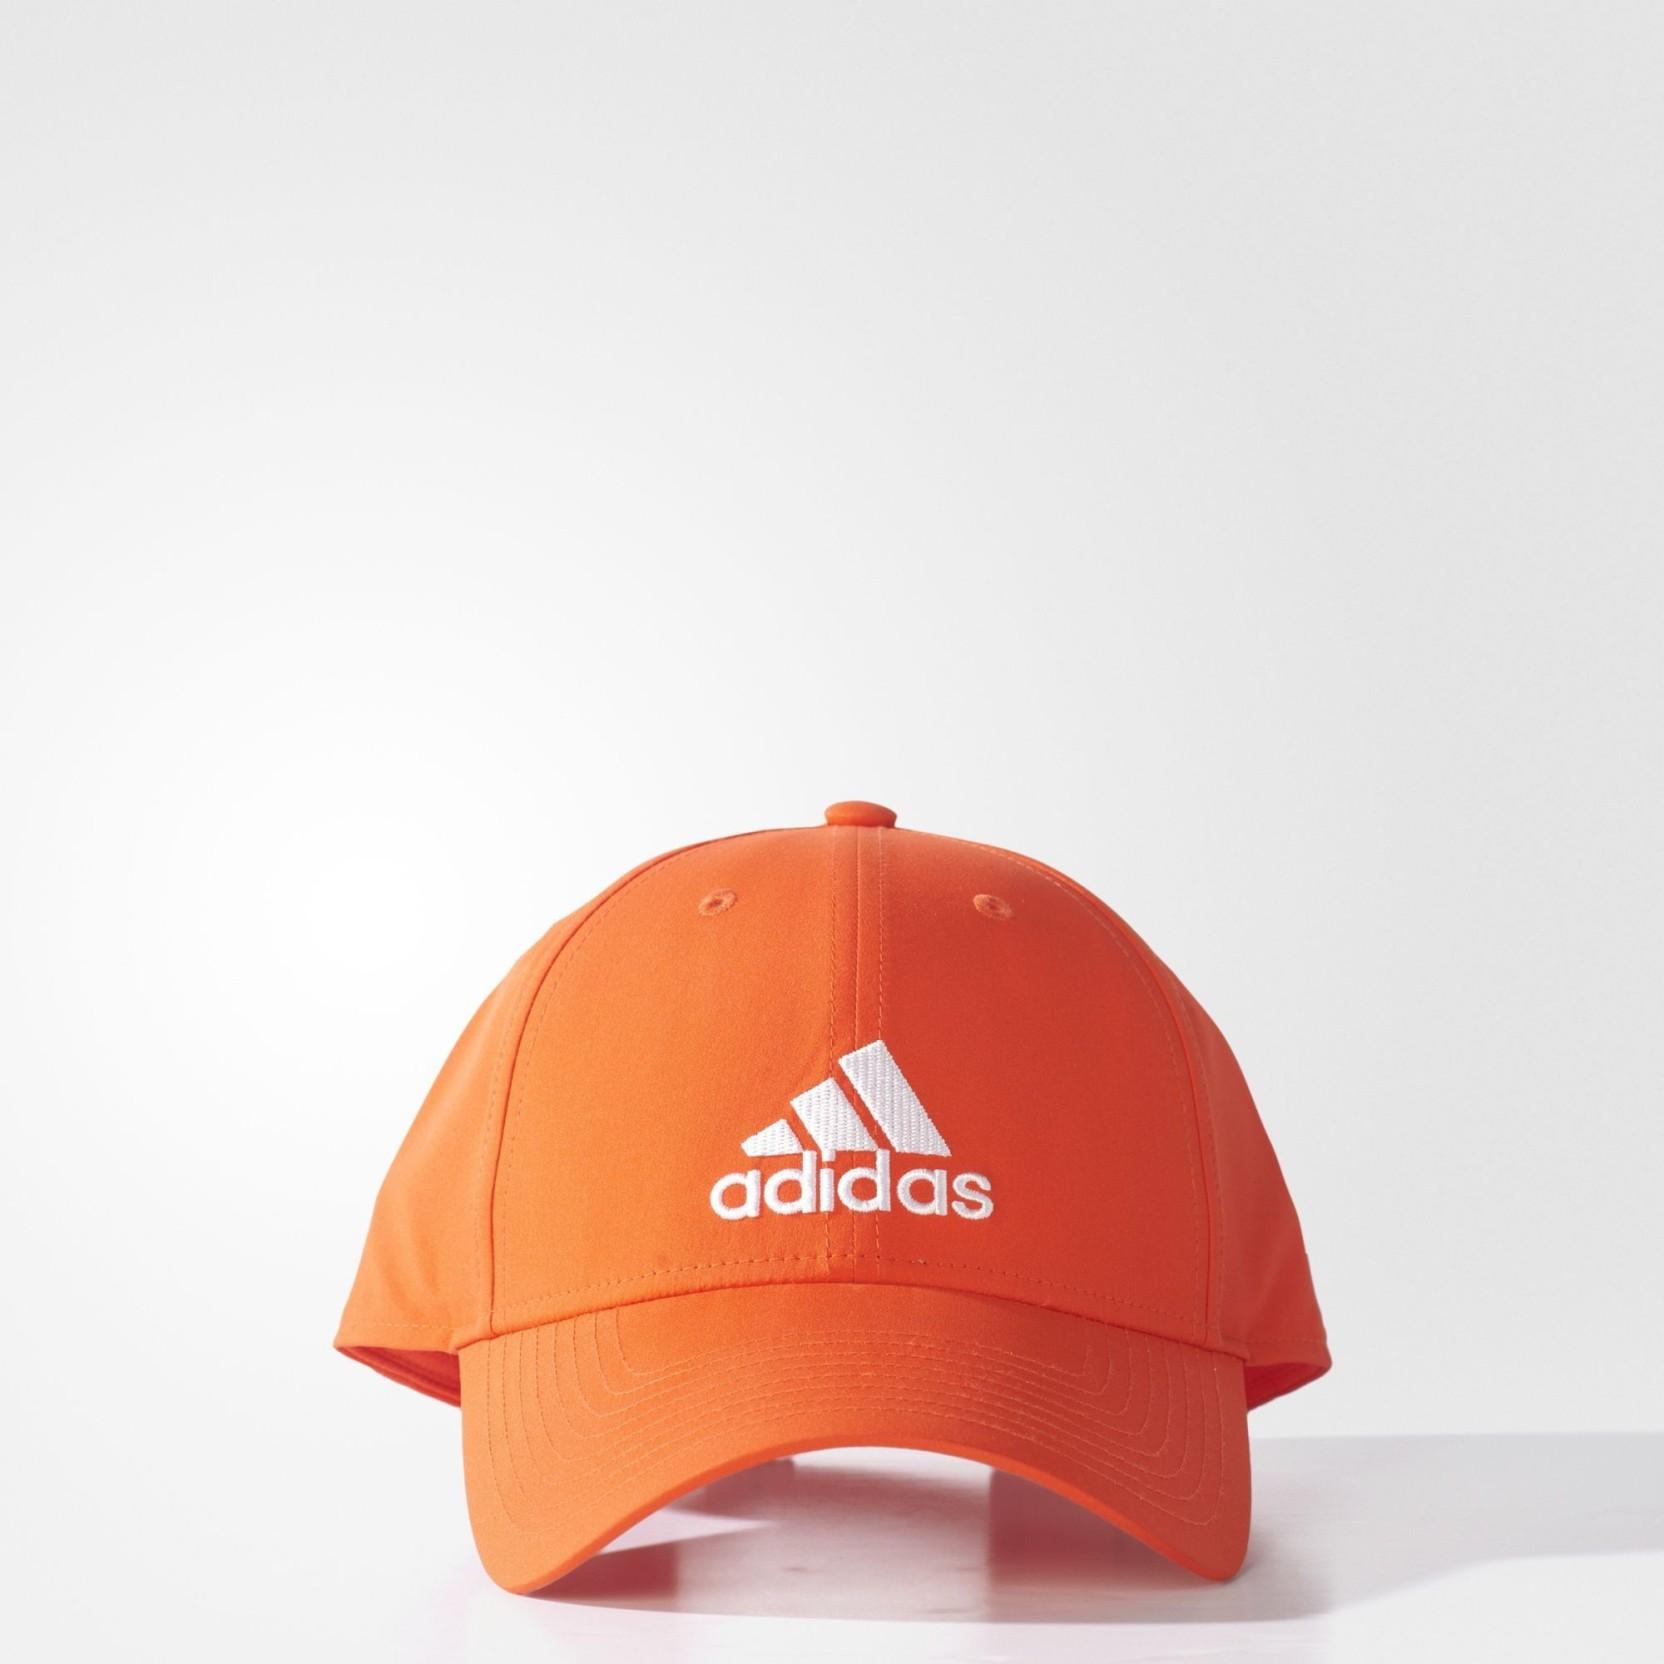 11d0a8a0d1 ADIDAS Solid ESS 3S Cap Cap - Buy ADIDAS Solid ESS 3S Cap Cap Online ...